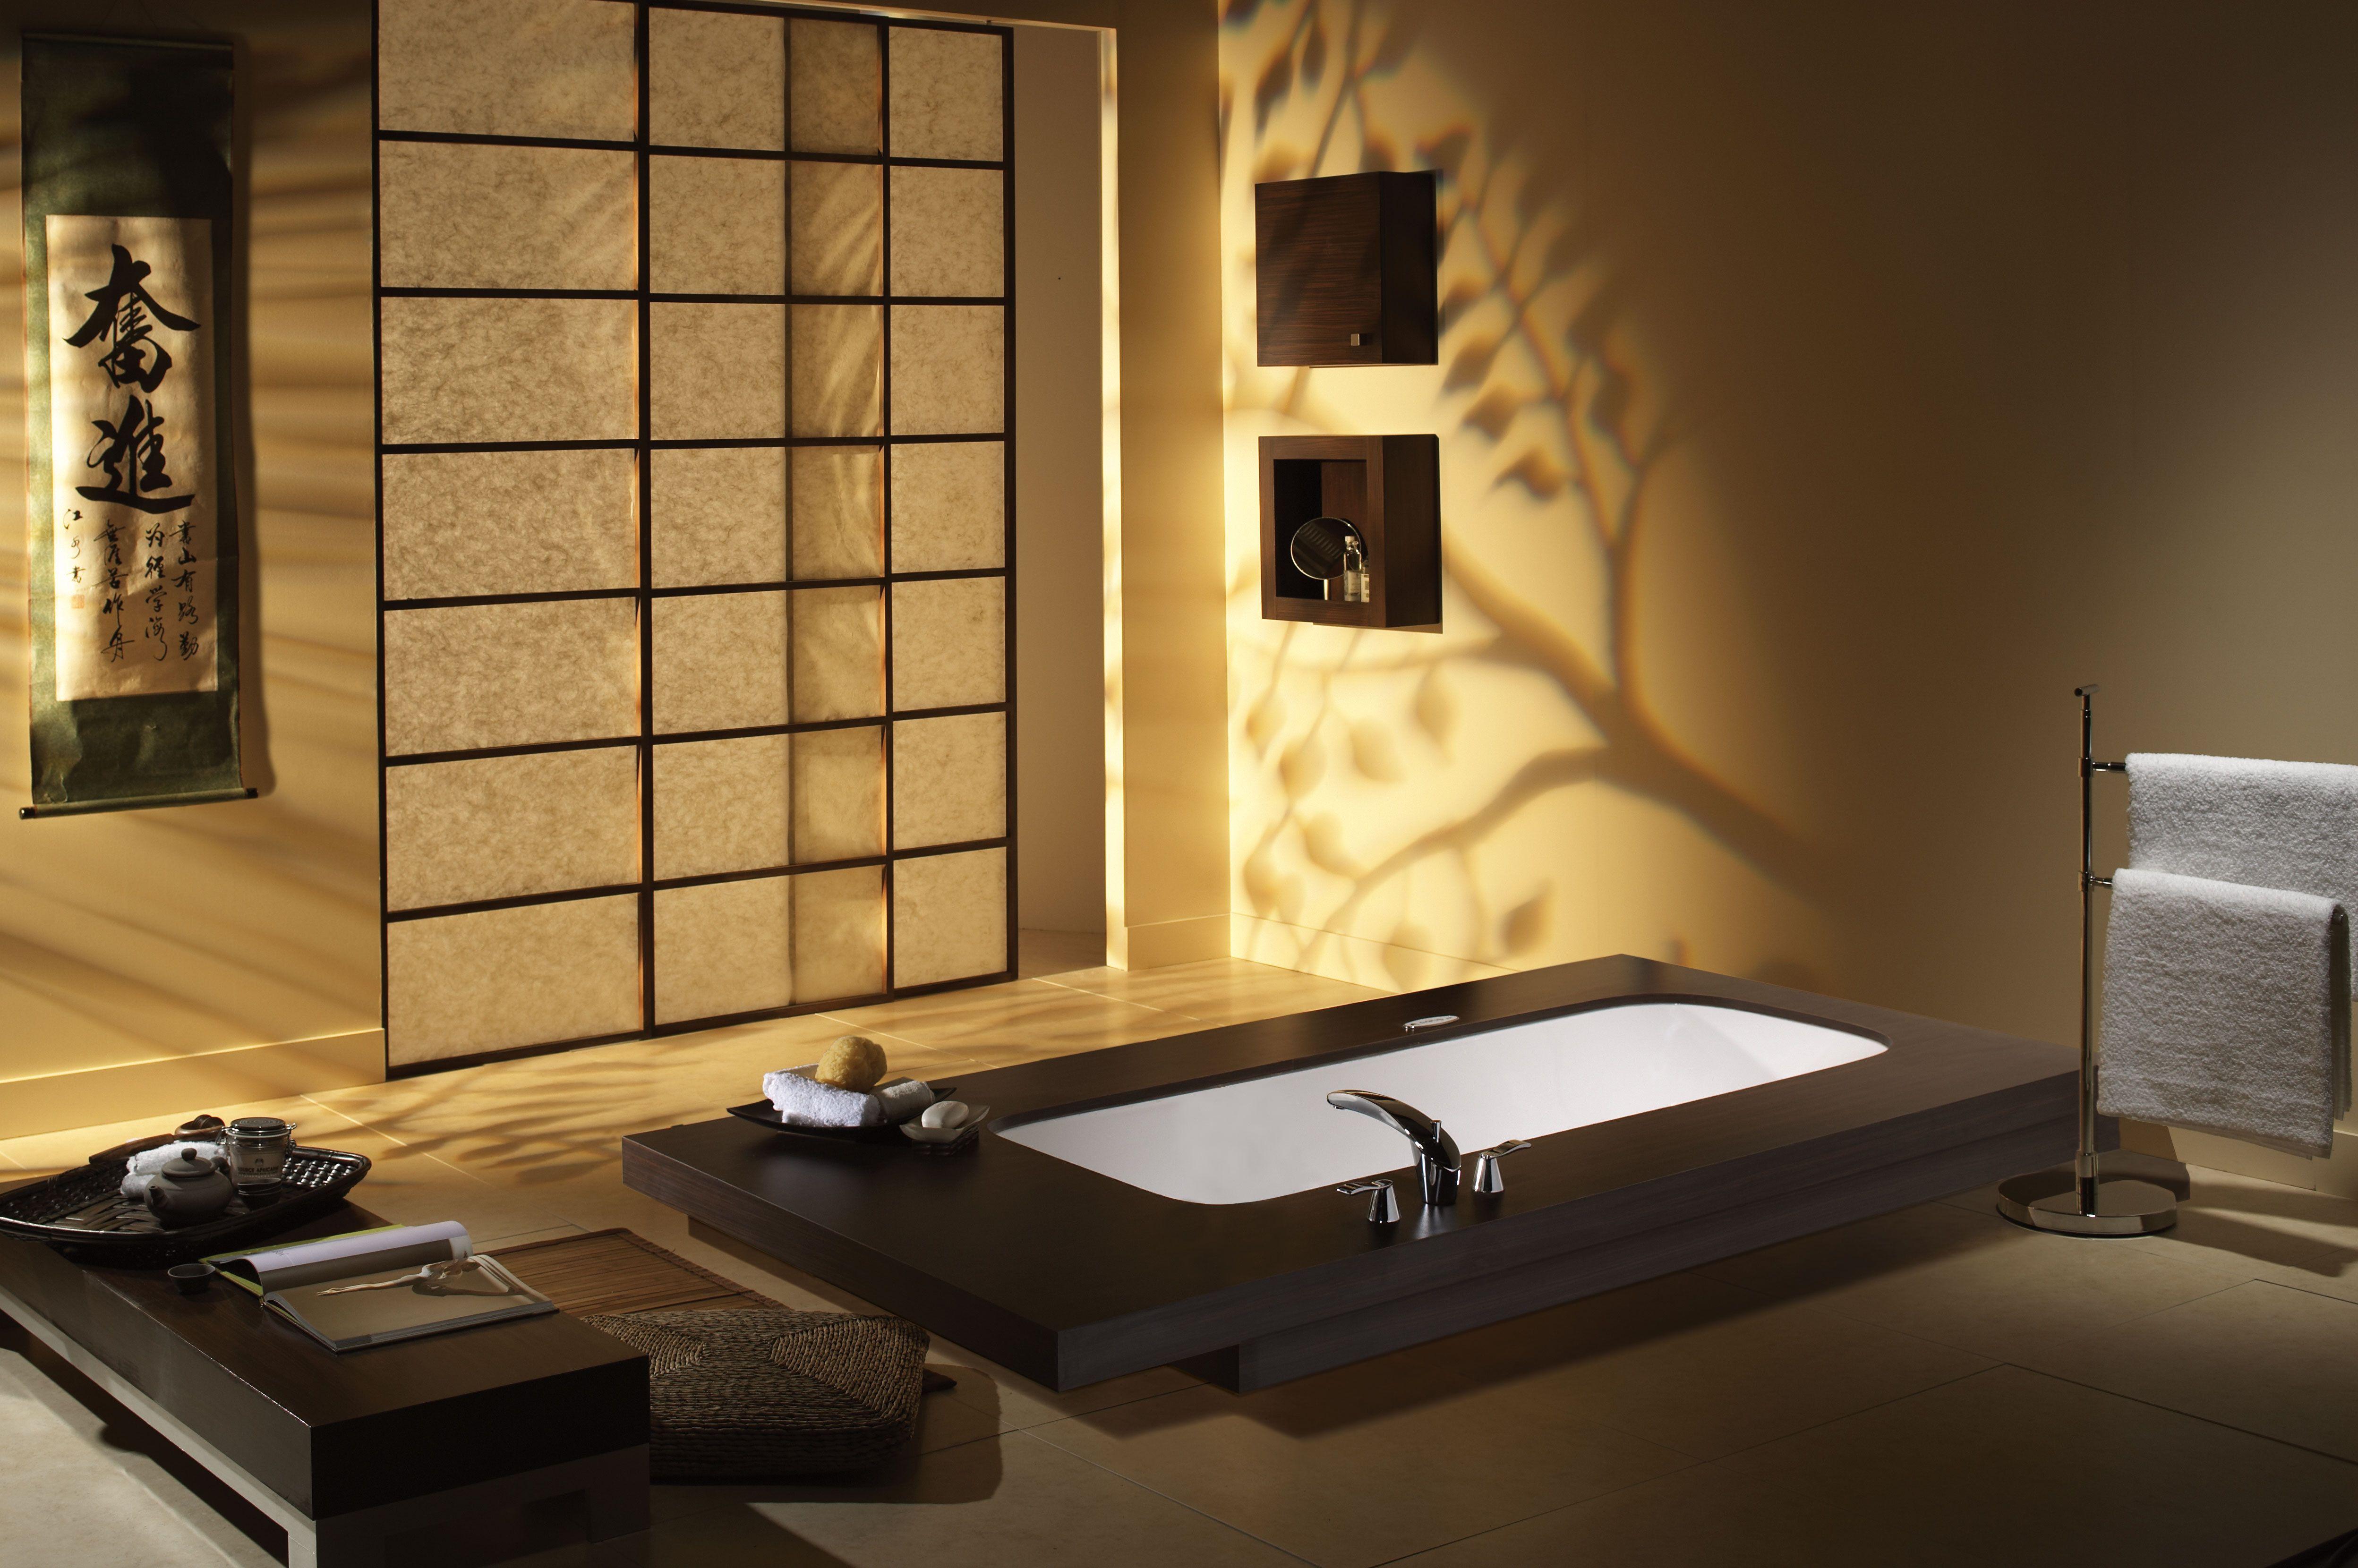 Salons japonais, salon moderne and intérieurs de maison on pinterest